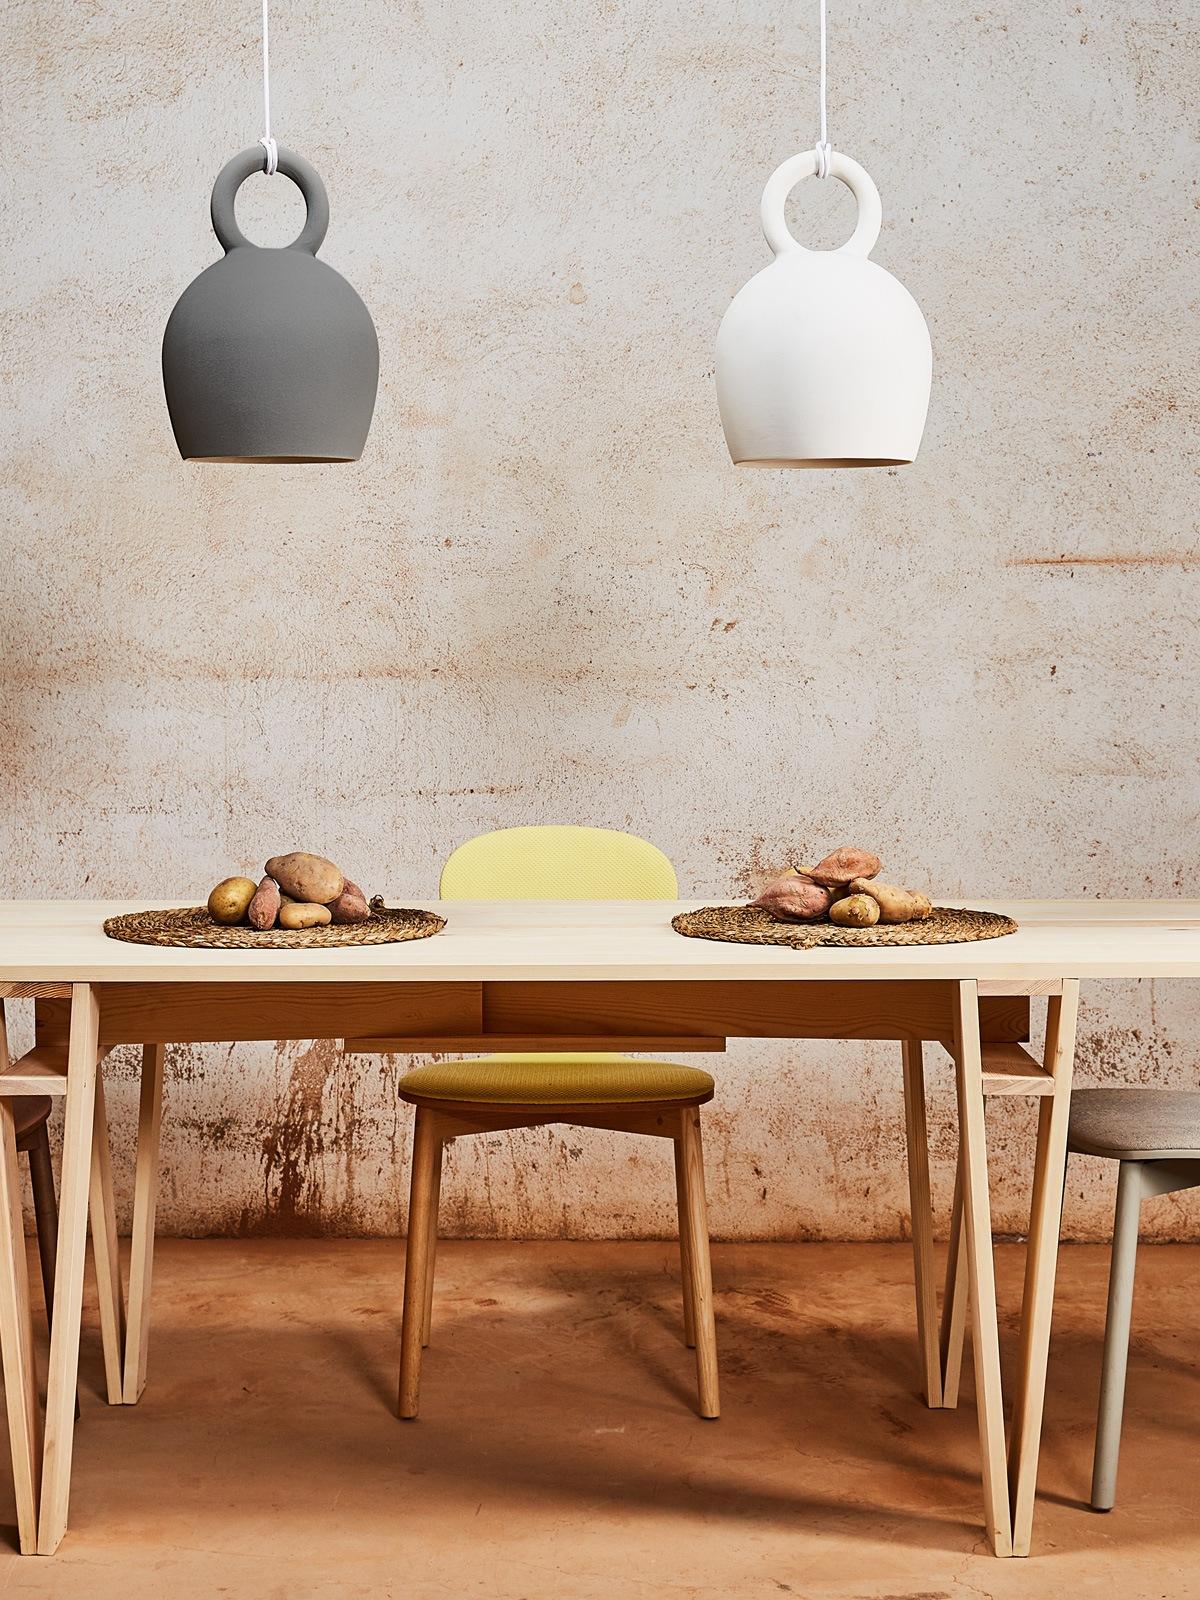 Calo 30 Tischleuchte Keramik Pott Designort Berlin Lampenladen